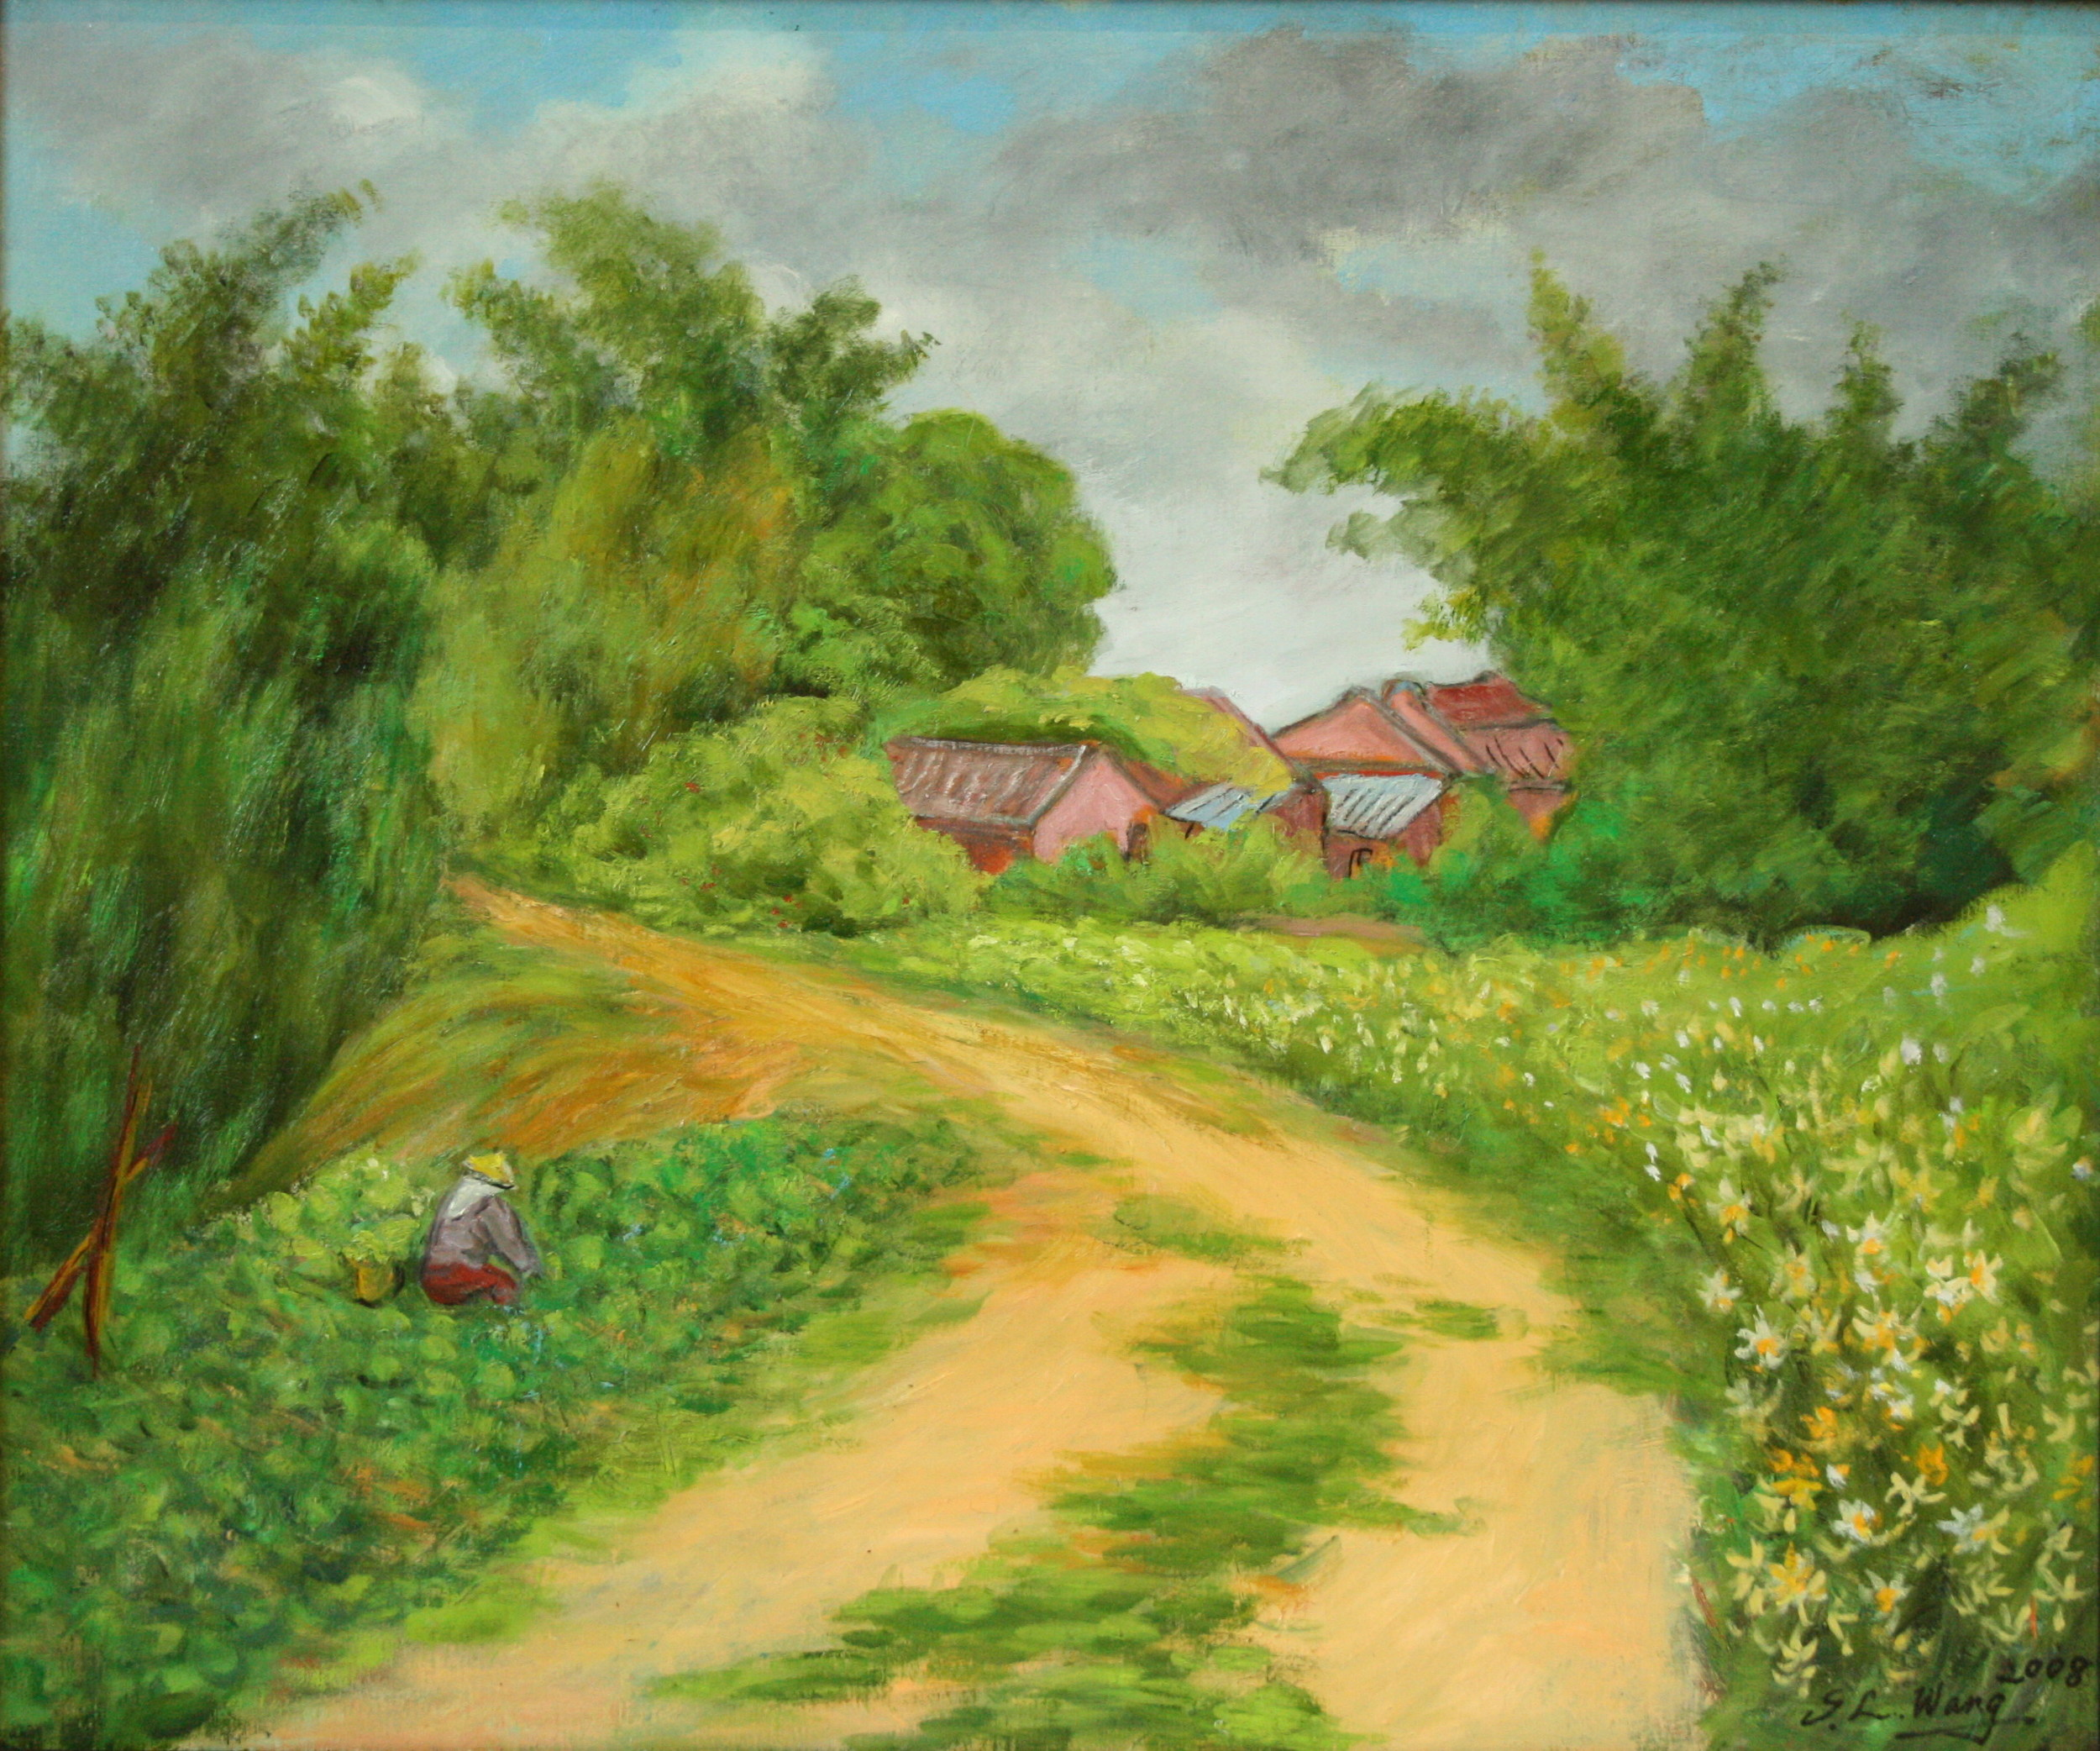 鄉間小路 20F 72.5x60.5 cm 油彩 畫布 2008